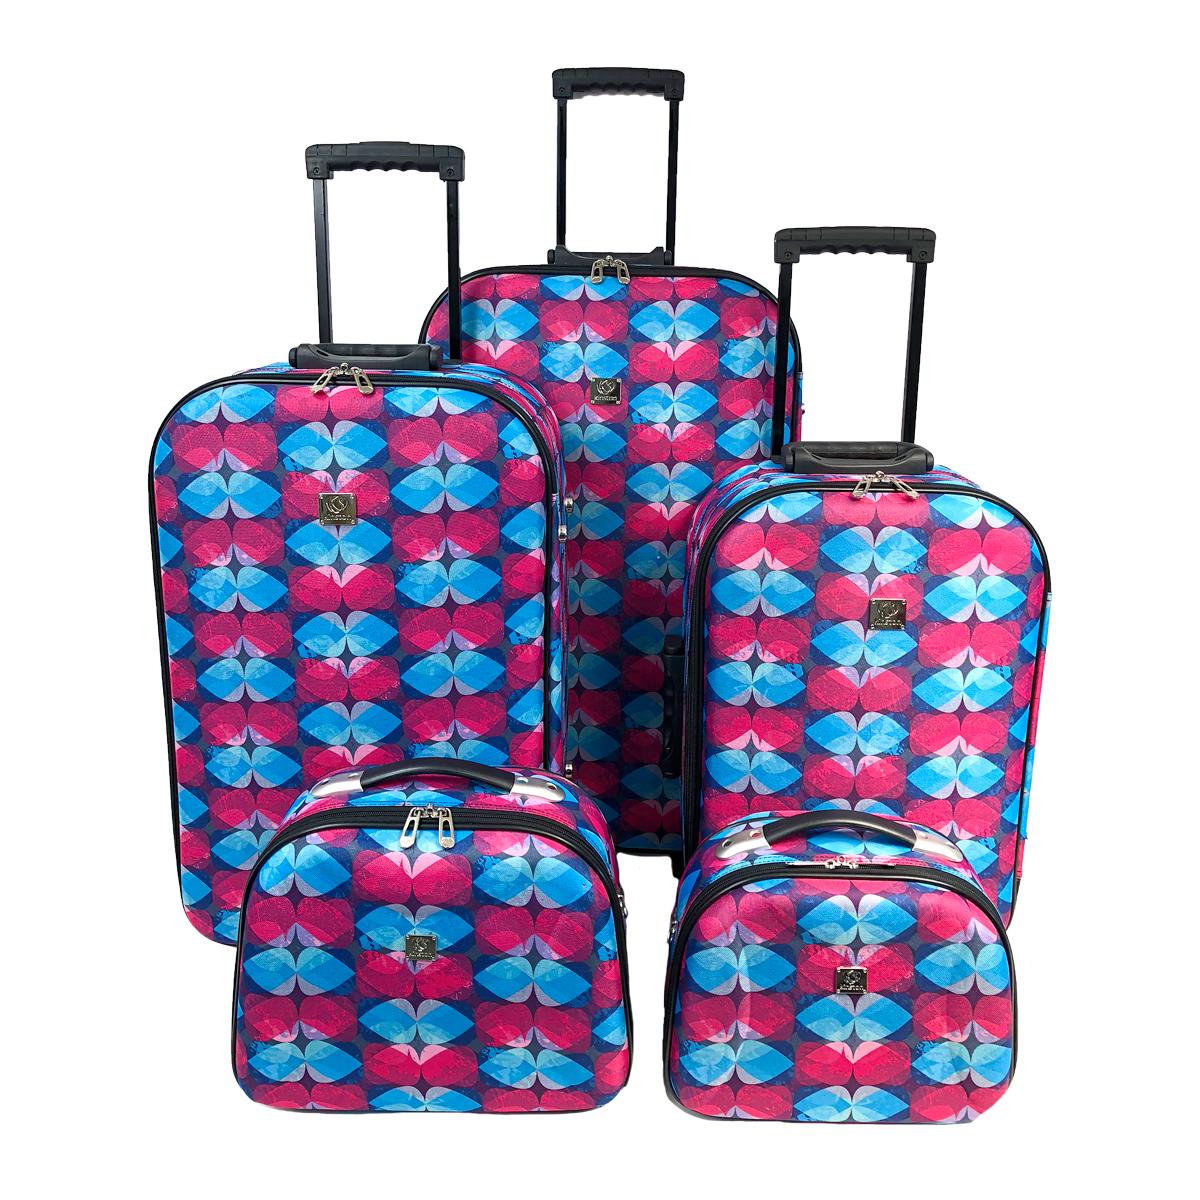 b018c0e3f3ae2b Grossiste importateur valises rigides - ASIAA - Concepteur de ...